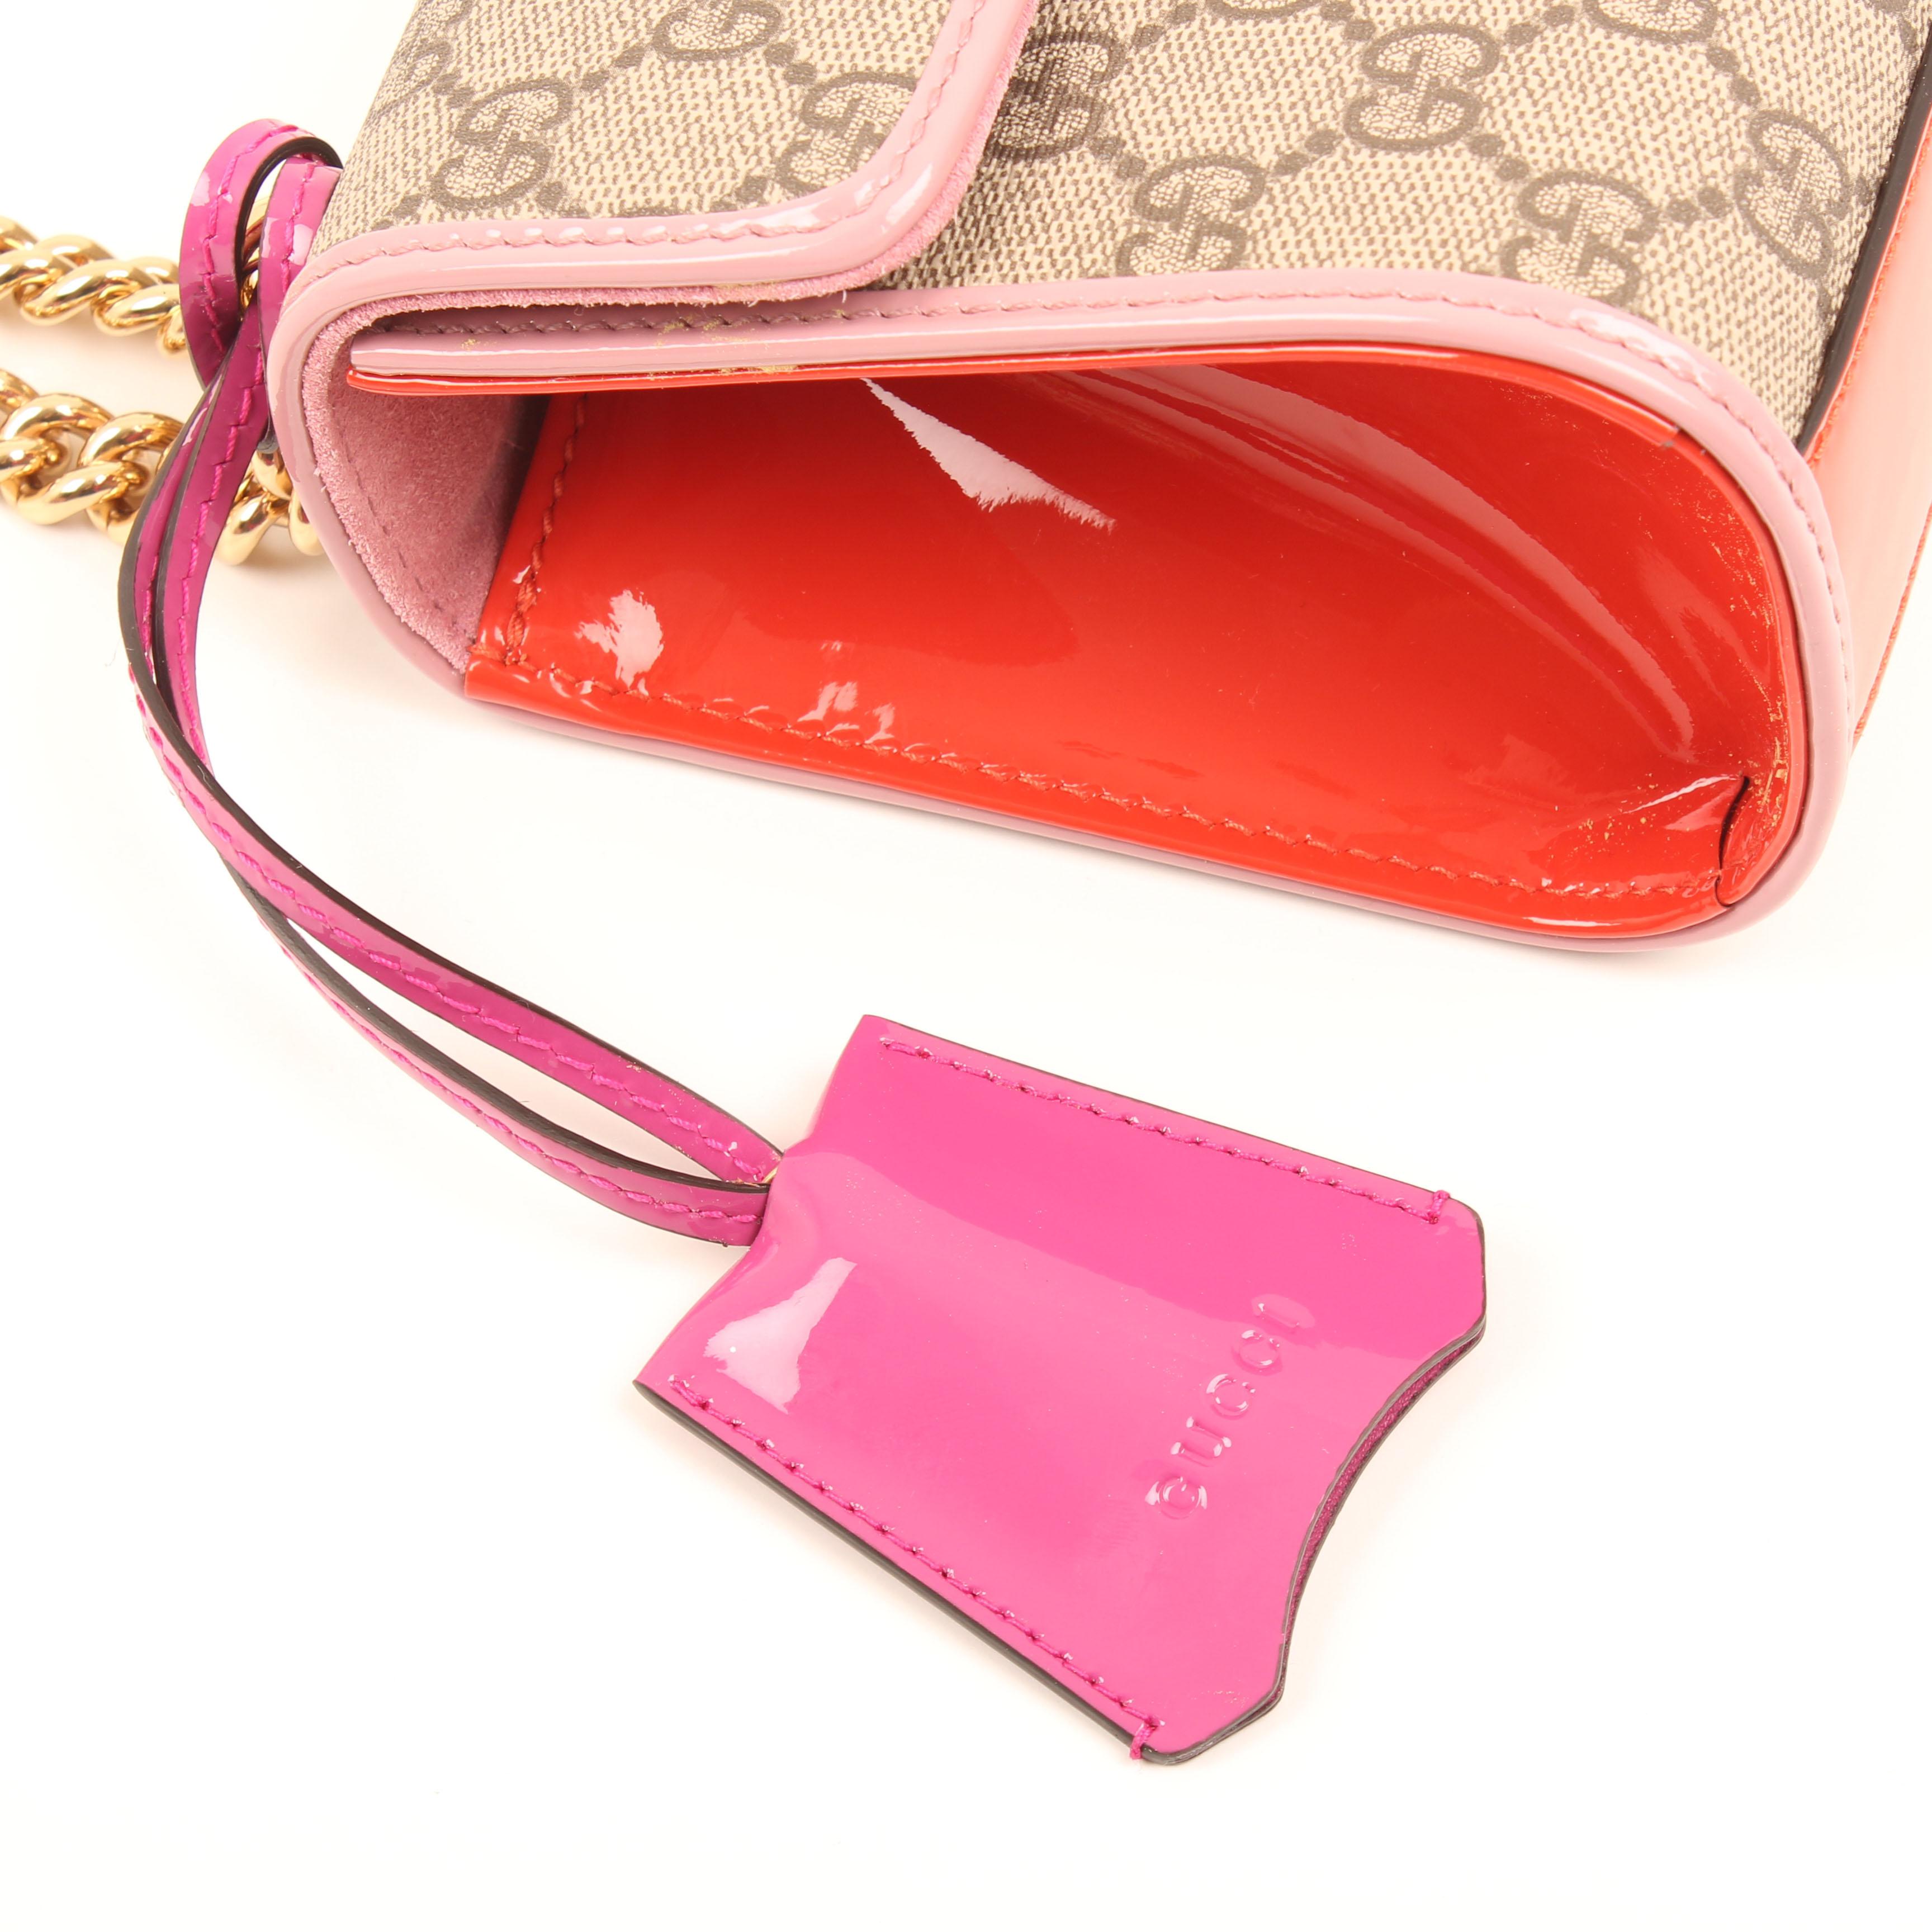 gucci padlock bag gg supreme canvas patent clochette tirette